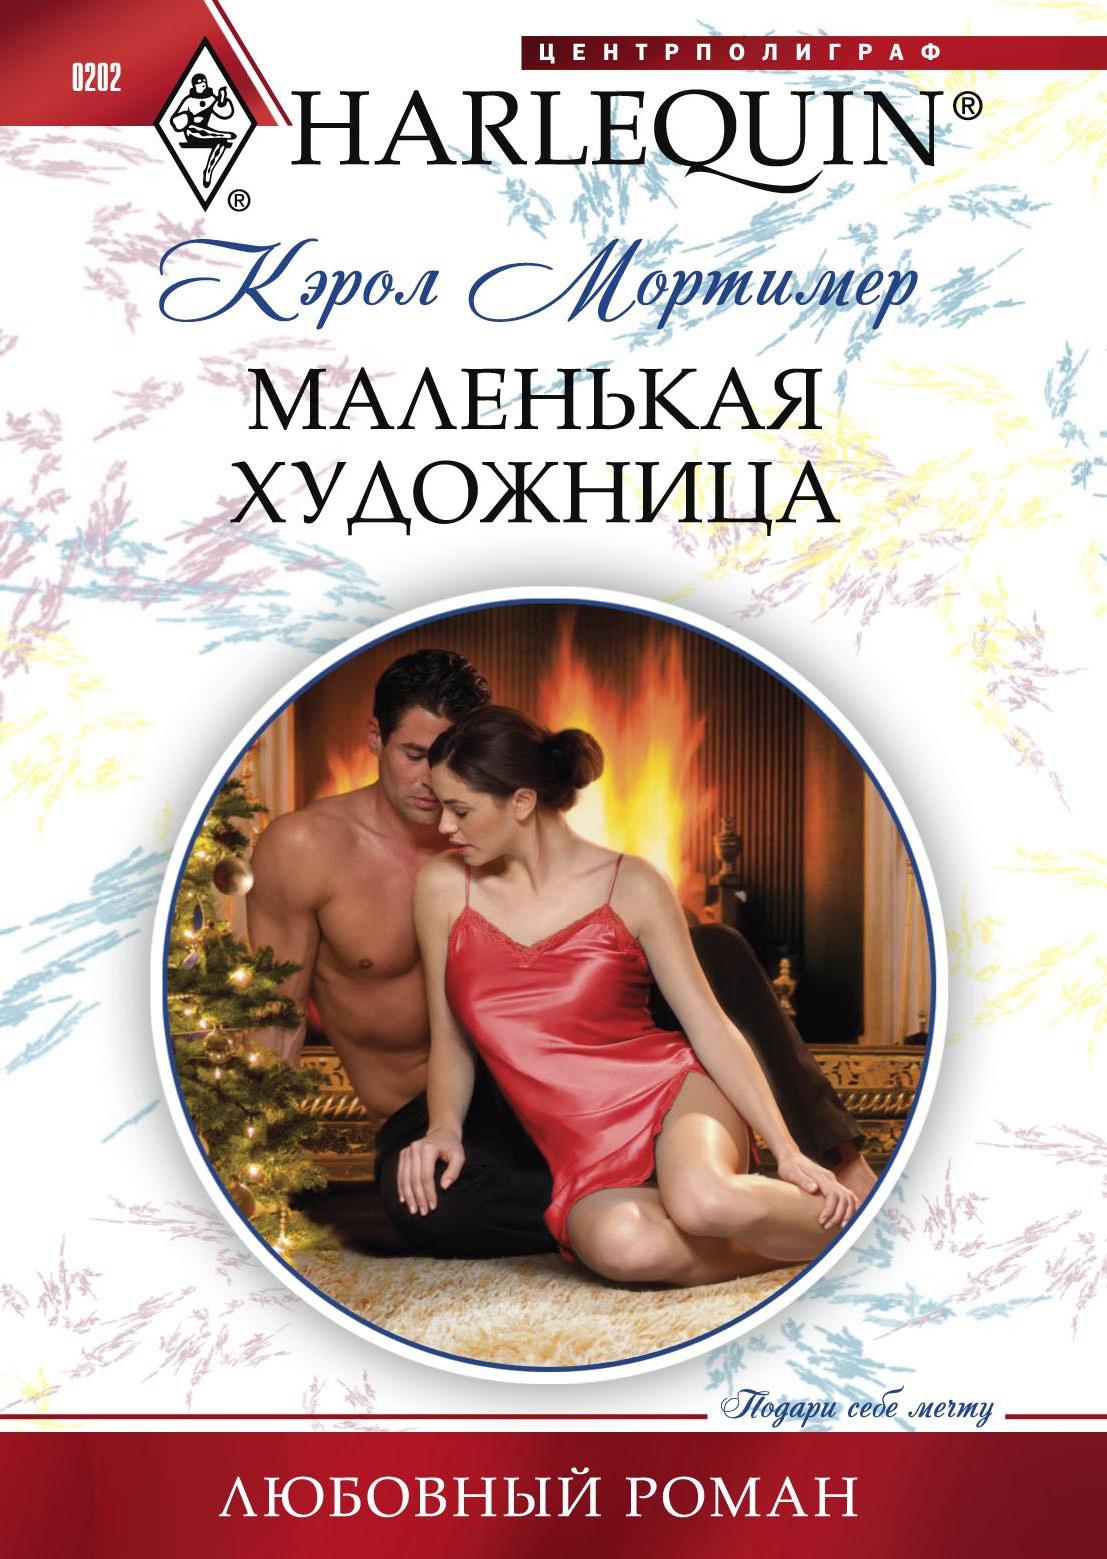 Читать книги онлайн порно романы 16 фотография